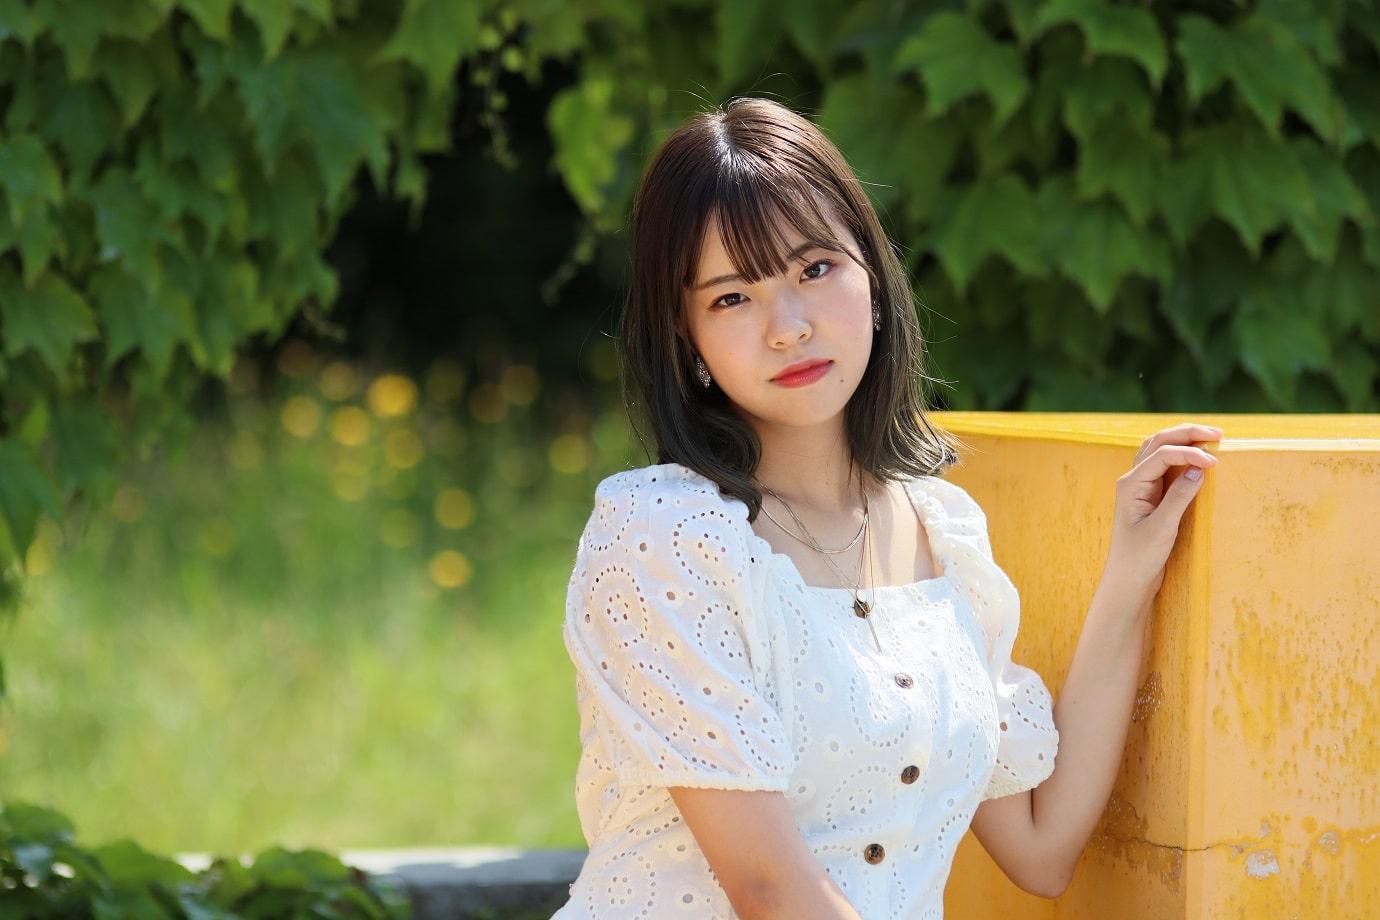 photo by tsuyoshi